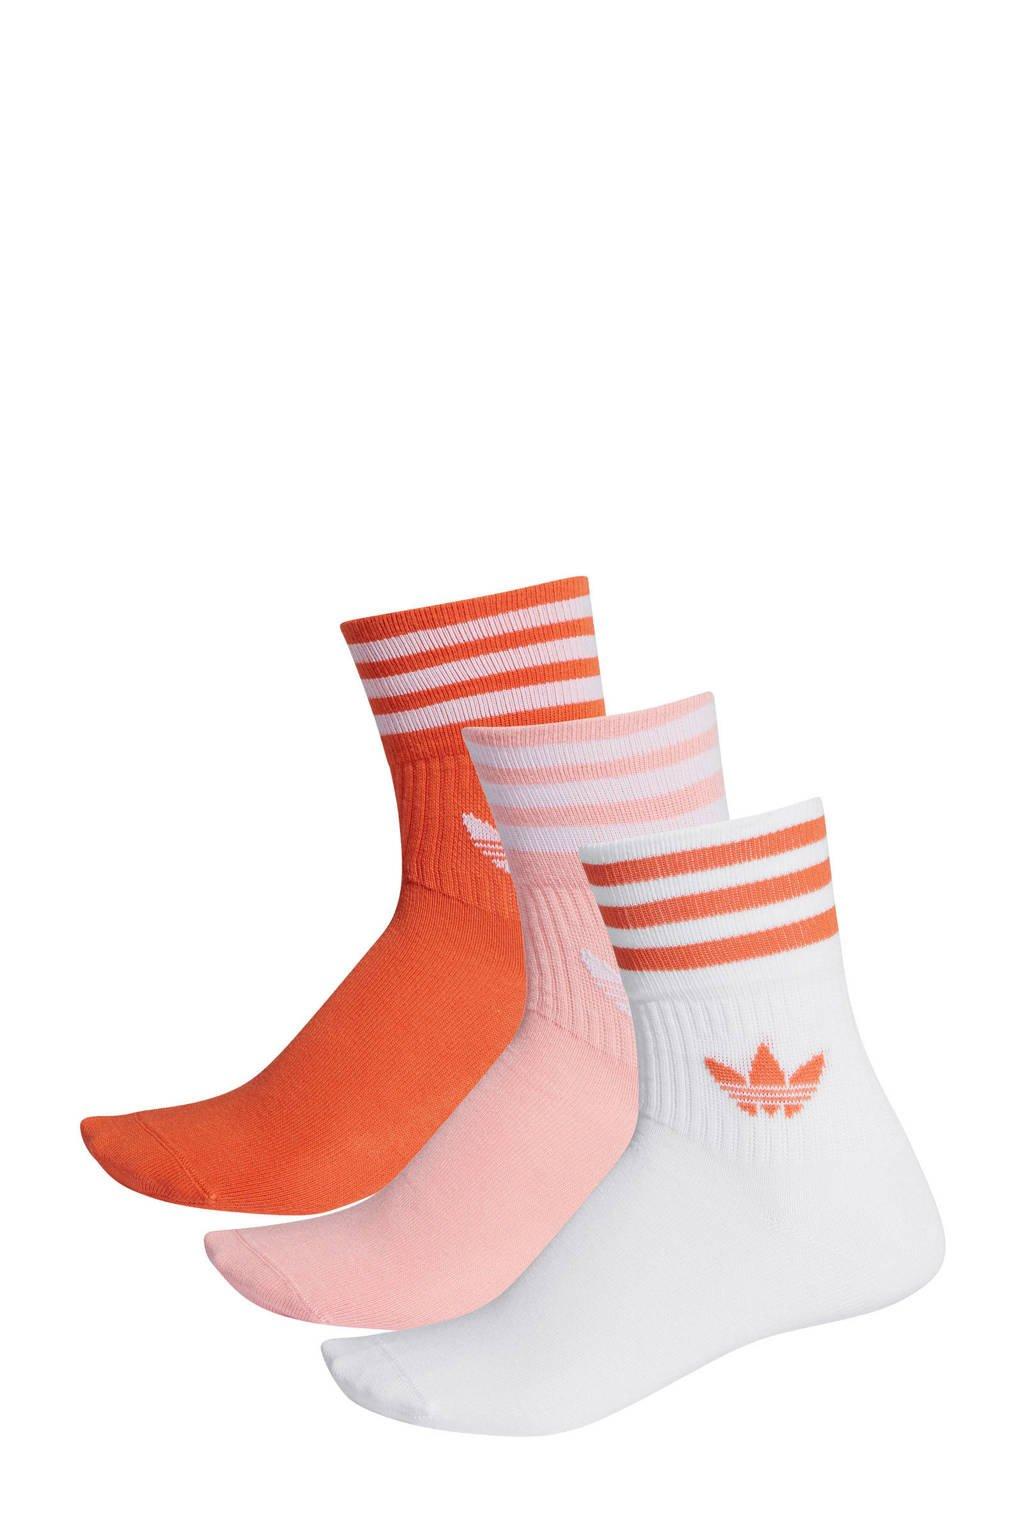 adidas Originals   Adicolor sokken (set van 3 paar) oranje/roze/wit, Oranje/roze/wit